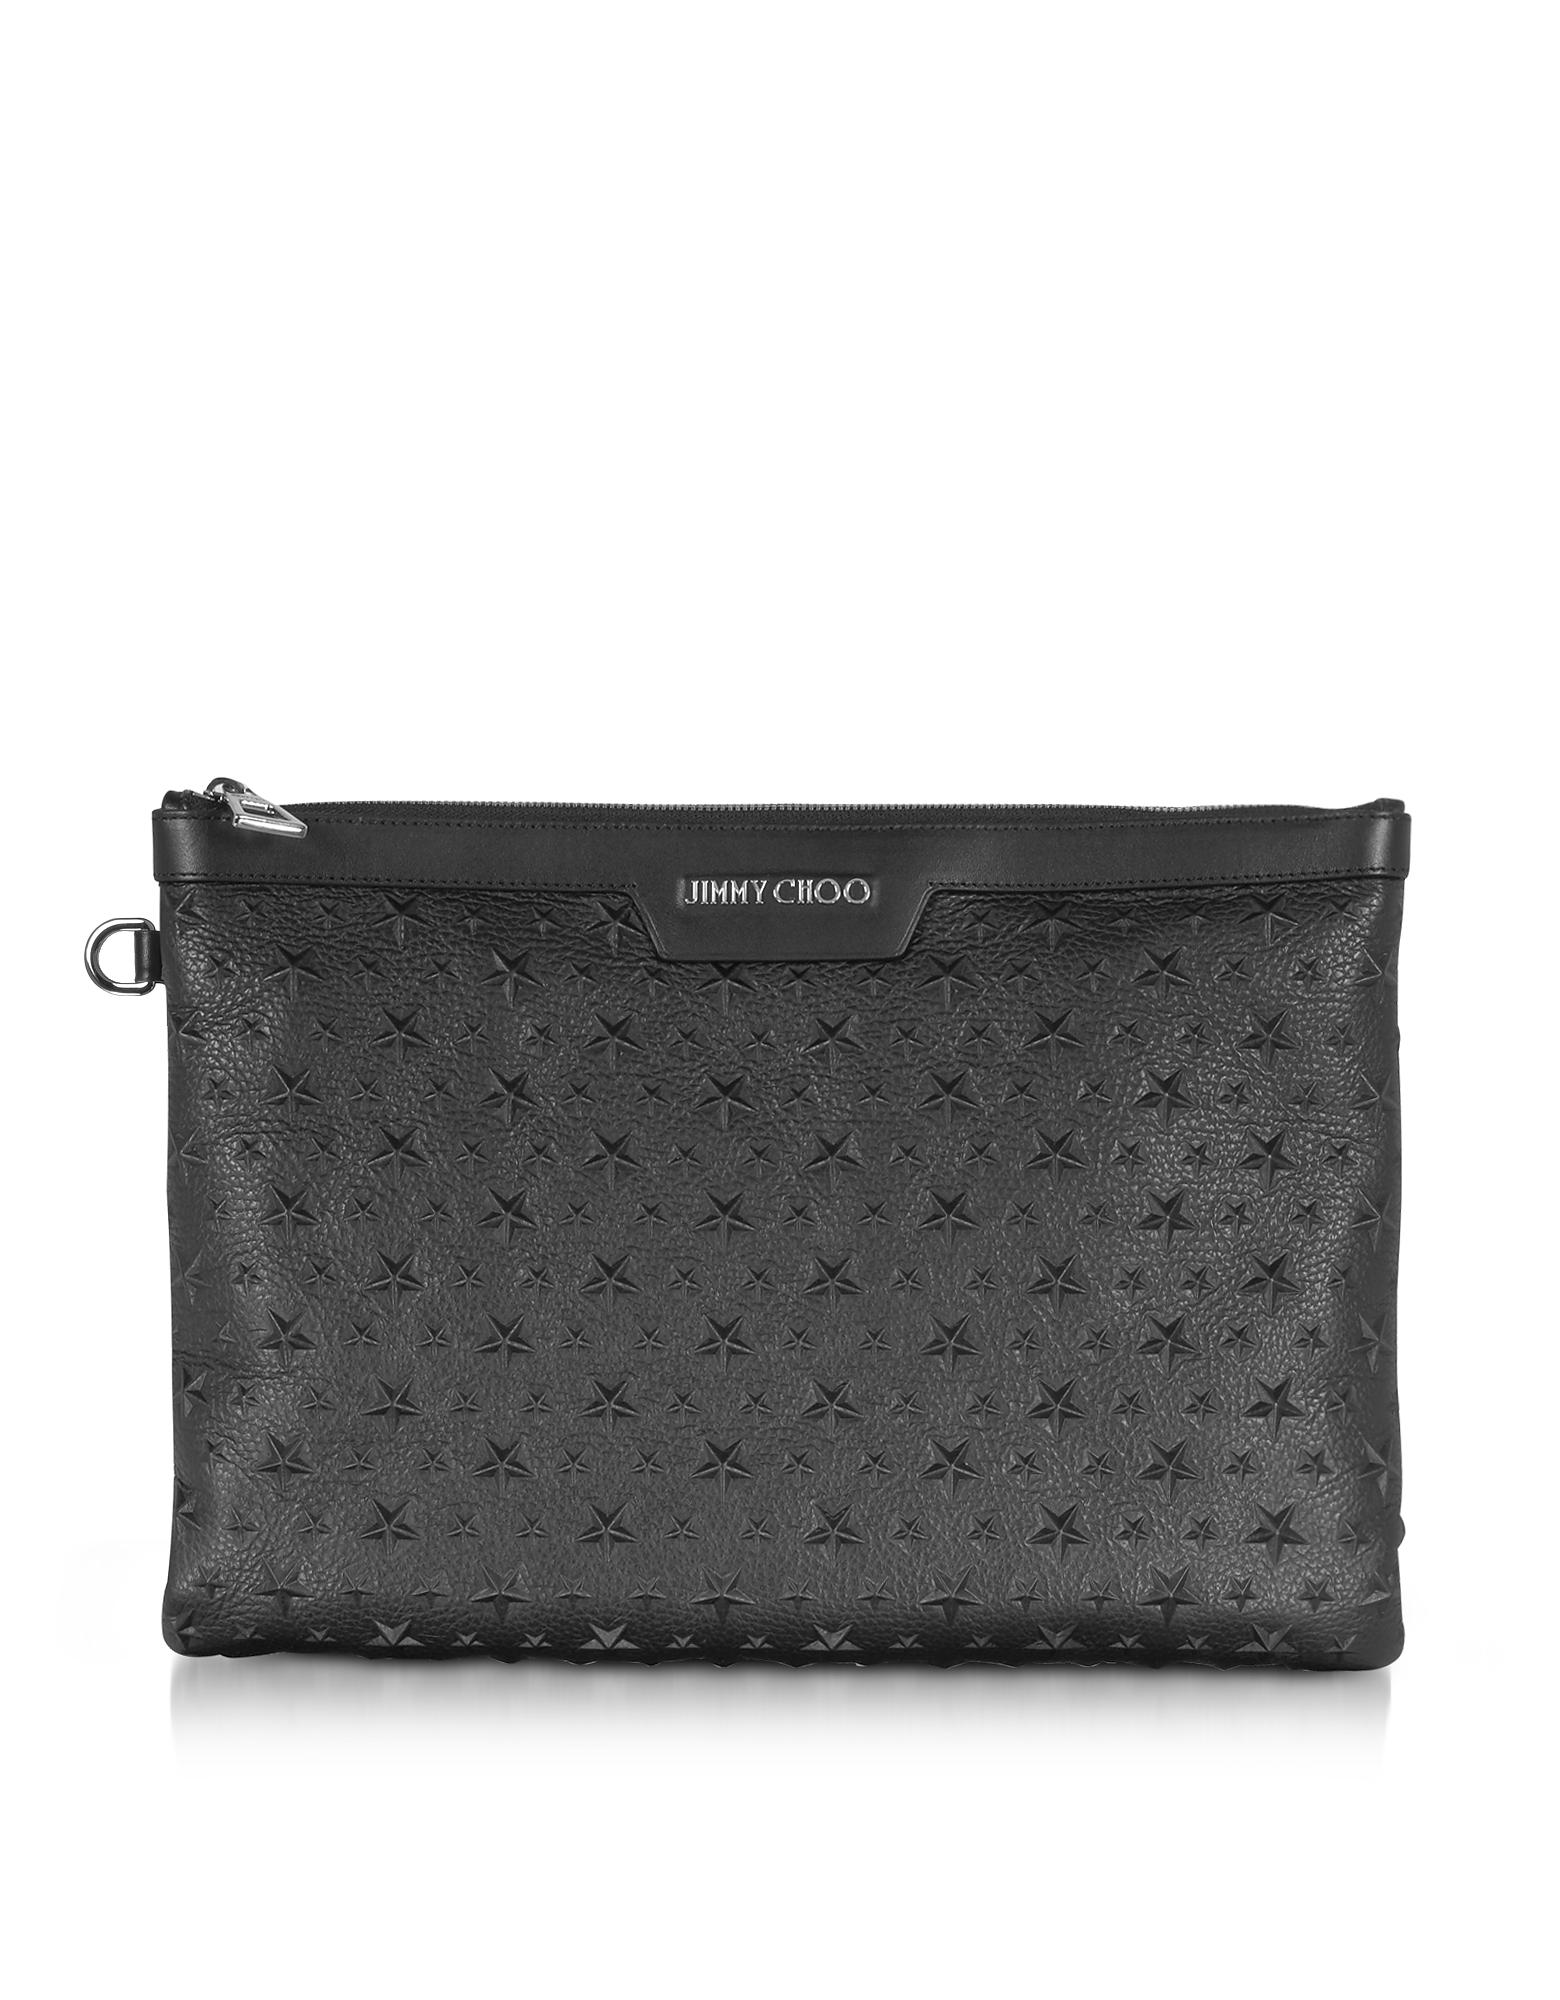 Jimmy Choo Handbags, Stars Embossed Grainy Leather Derek Medium Clutch